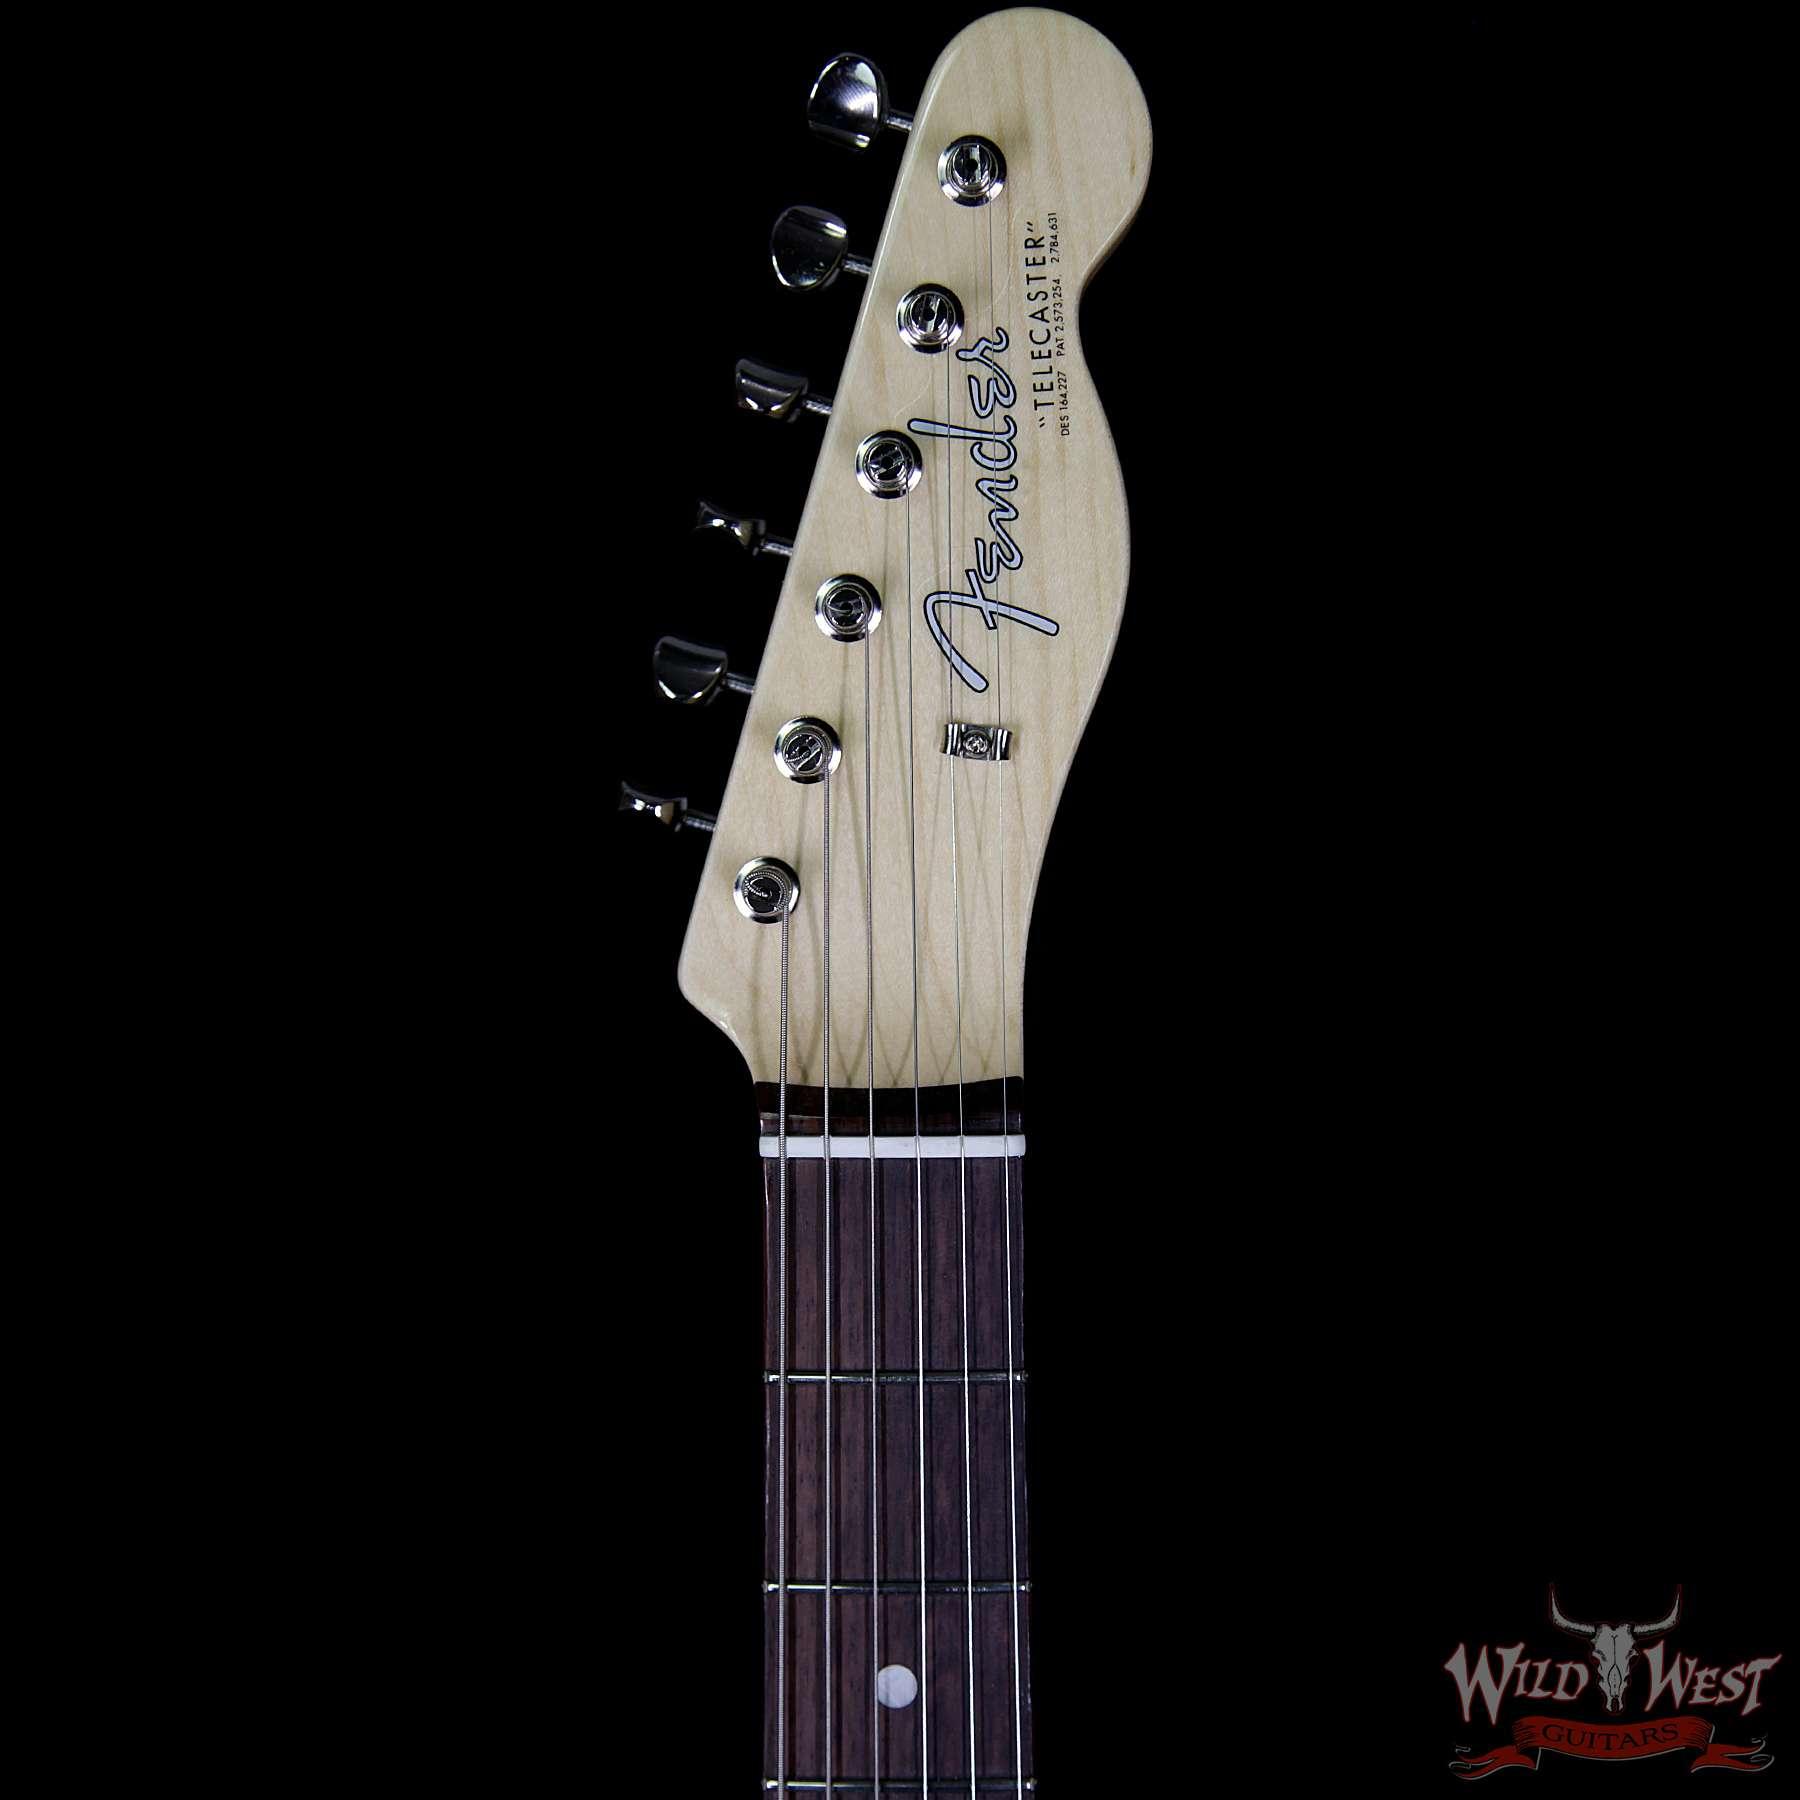 fender usa american vintage 64 telecaster rosewood fretboard white blonde wild west guitars. Black Bedroom Furniture Sets. Home Design Ideas